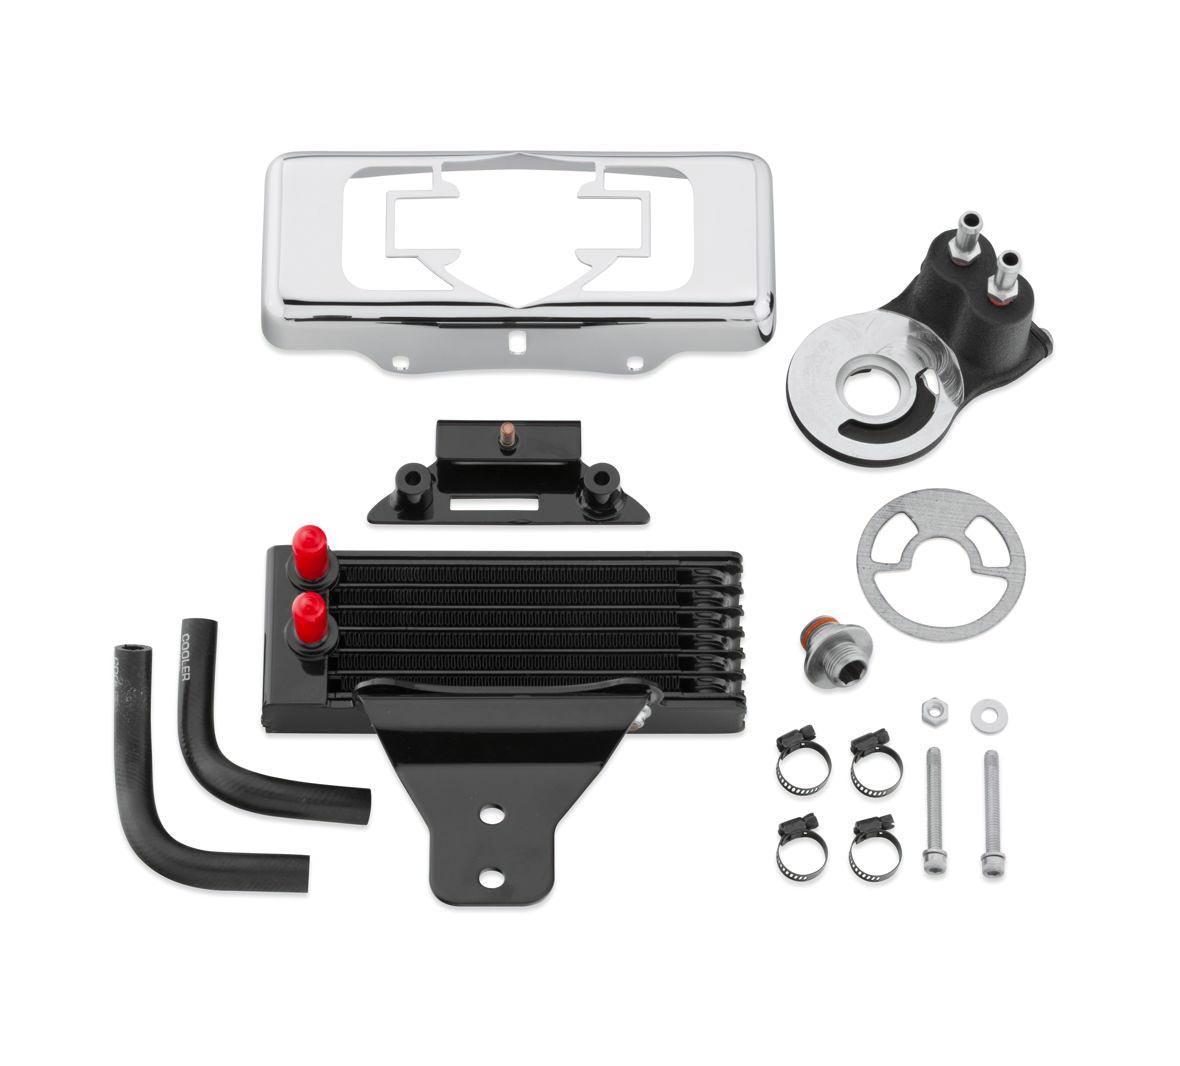 Harley Engine Cooler : B premium oil cooler kit dyna models horizontal